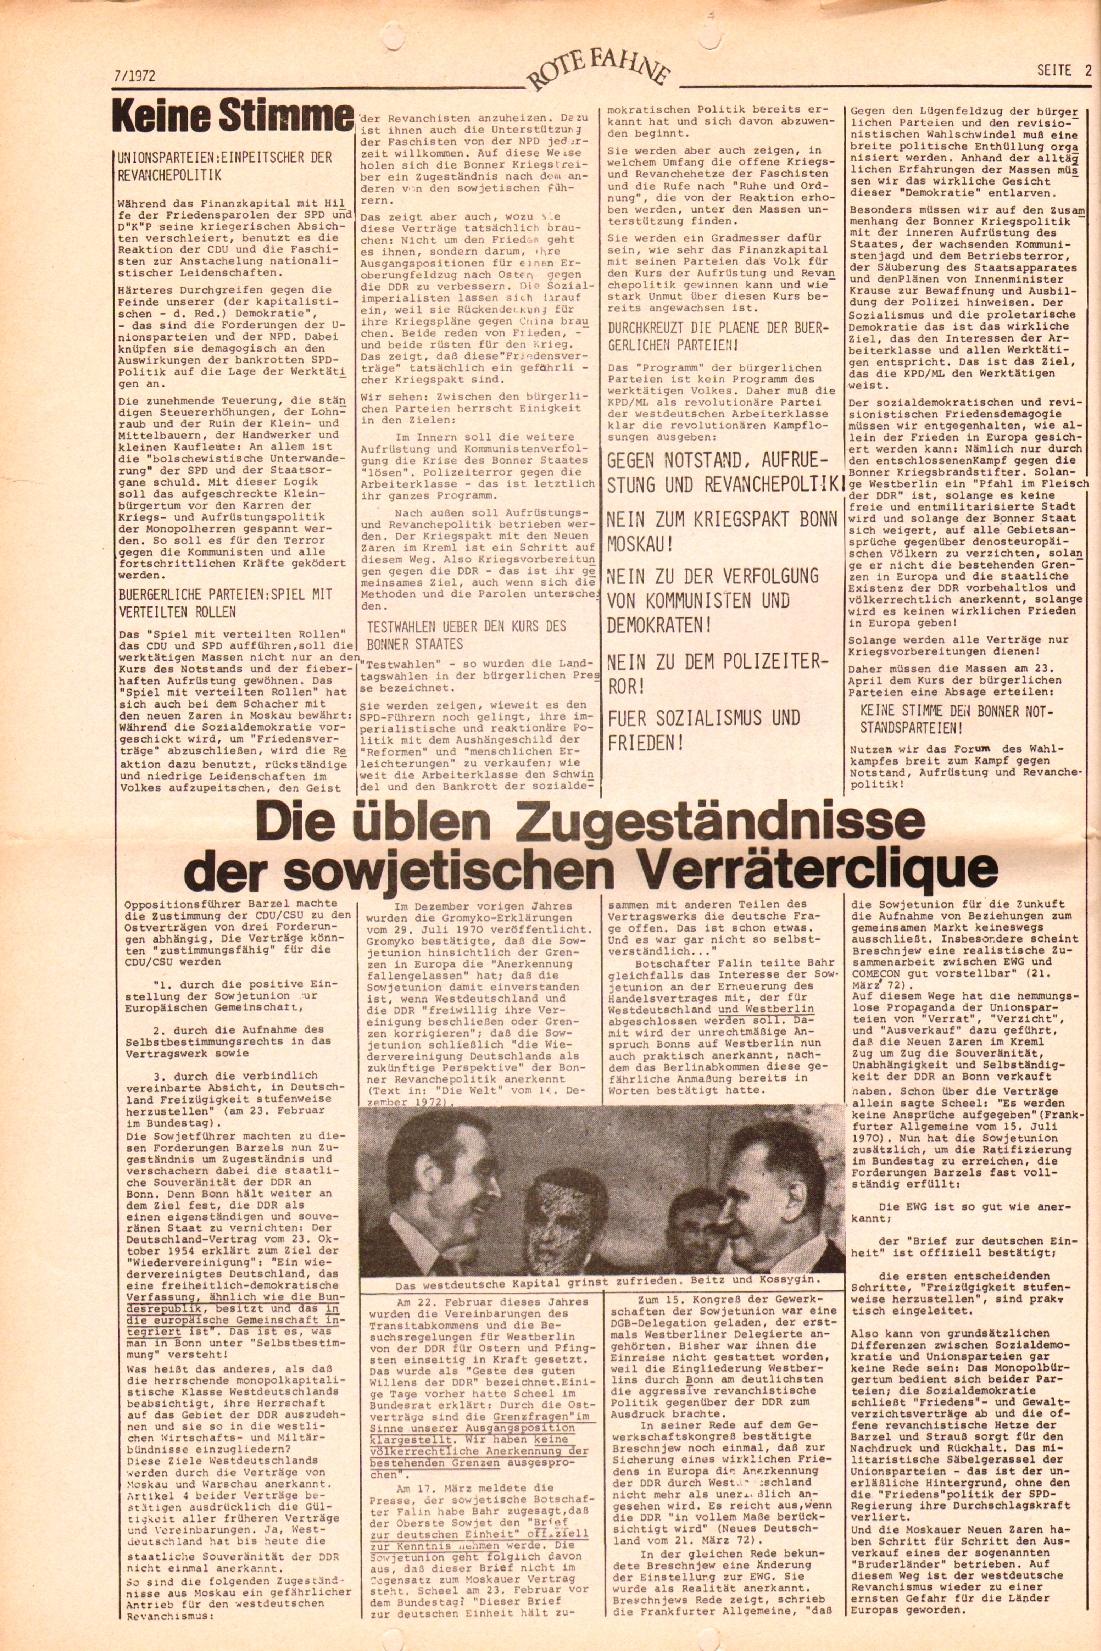 Rote Fahne, 3. Jg., 3.4.1972, Nr. 7, Seite 2